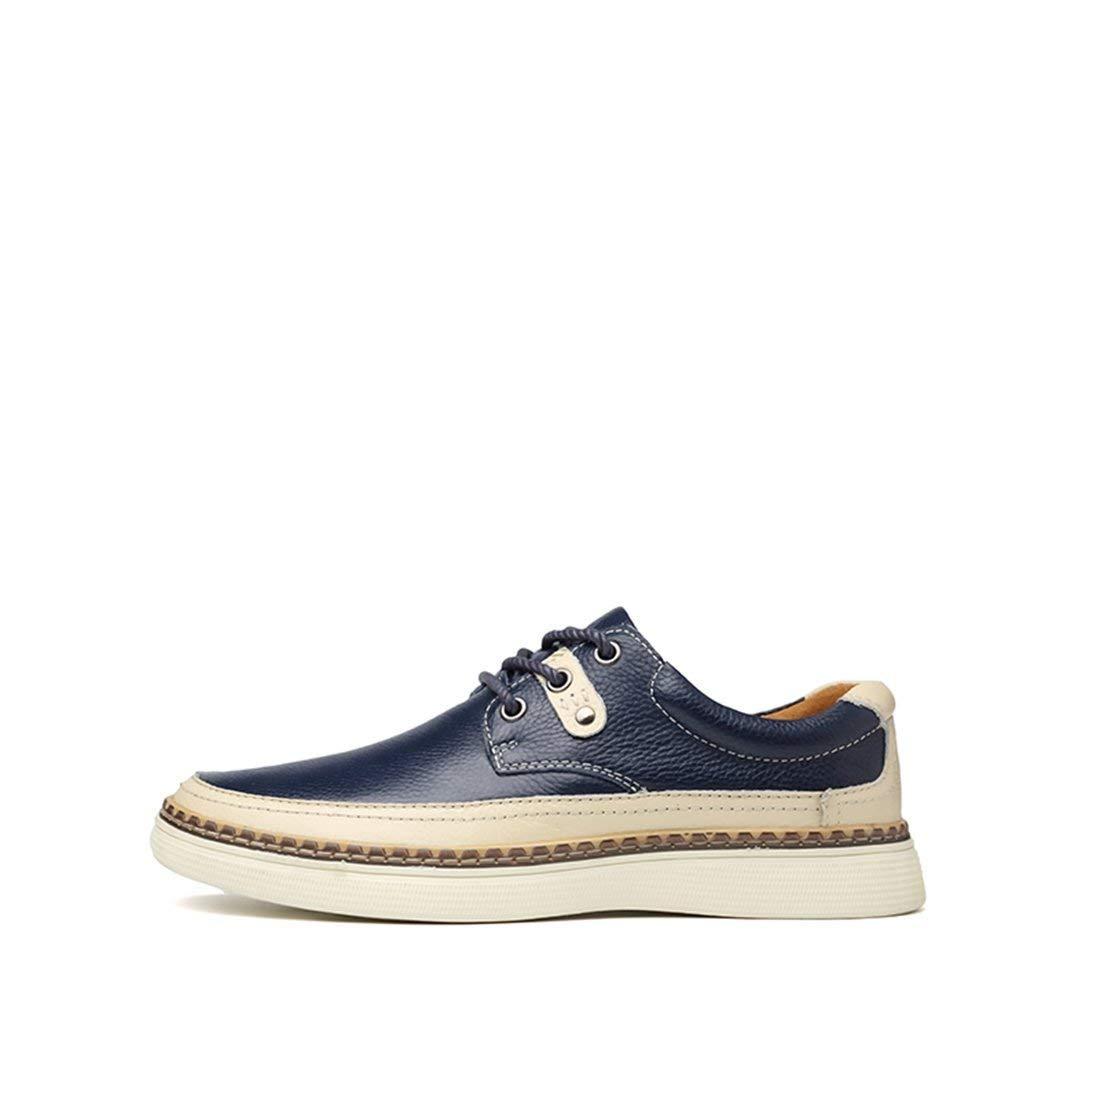 Willsego Scarpa Scarpa Scarpa da Uomo Stringata Sintetica Low-Top Dark blu Fashion scarpe da ginnastica Oxford Scarpe UK 7.5 (colore   -, Dimensione   -) 19debb